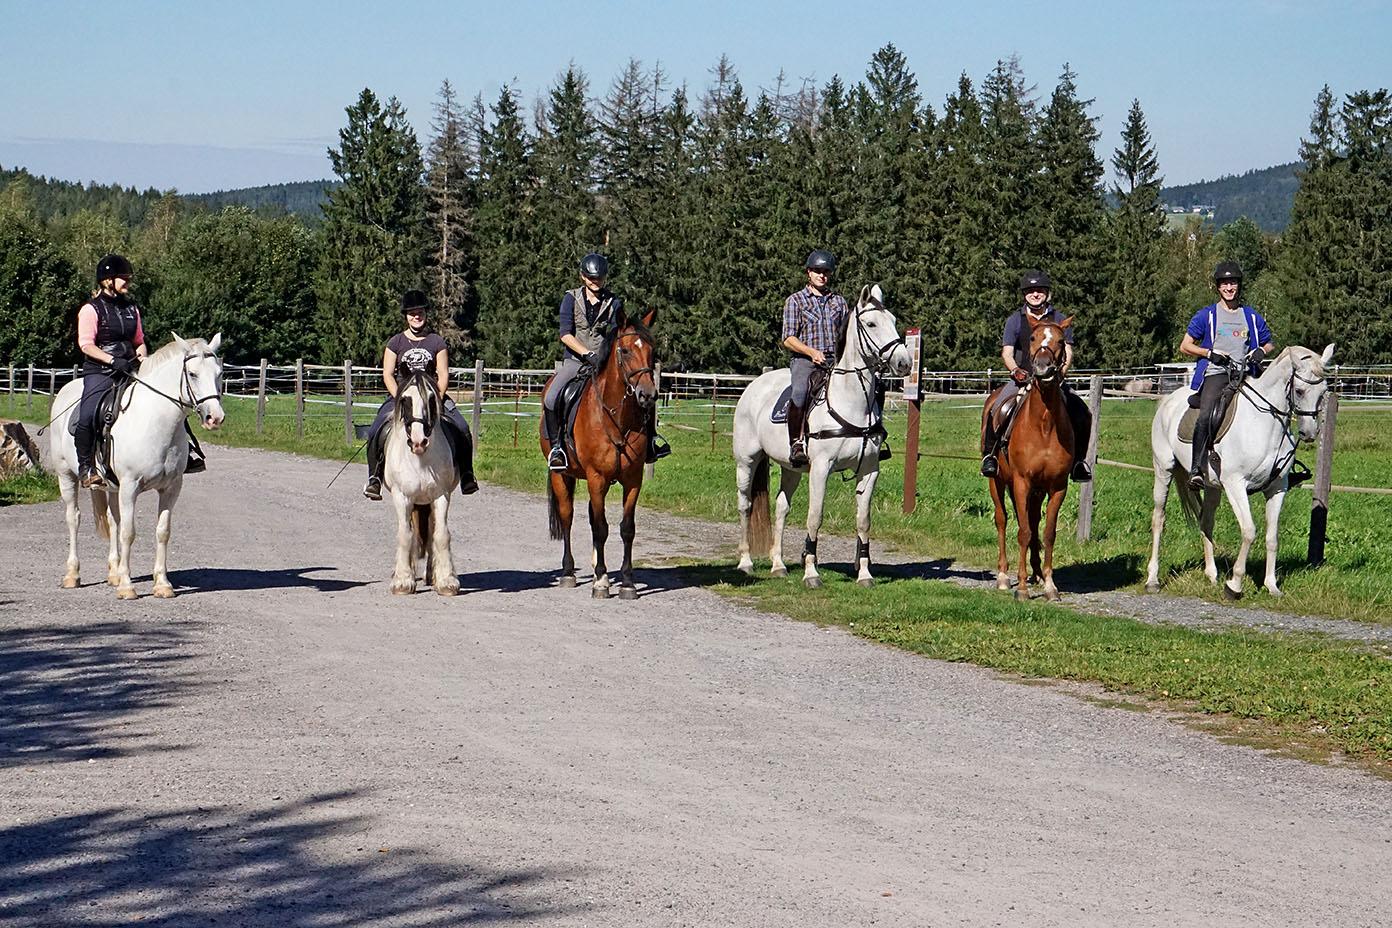 Personen reiten auf Pferden